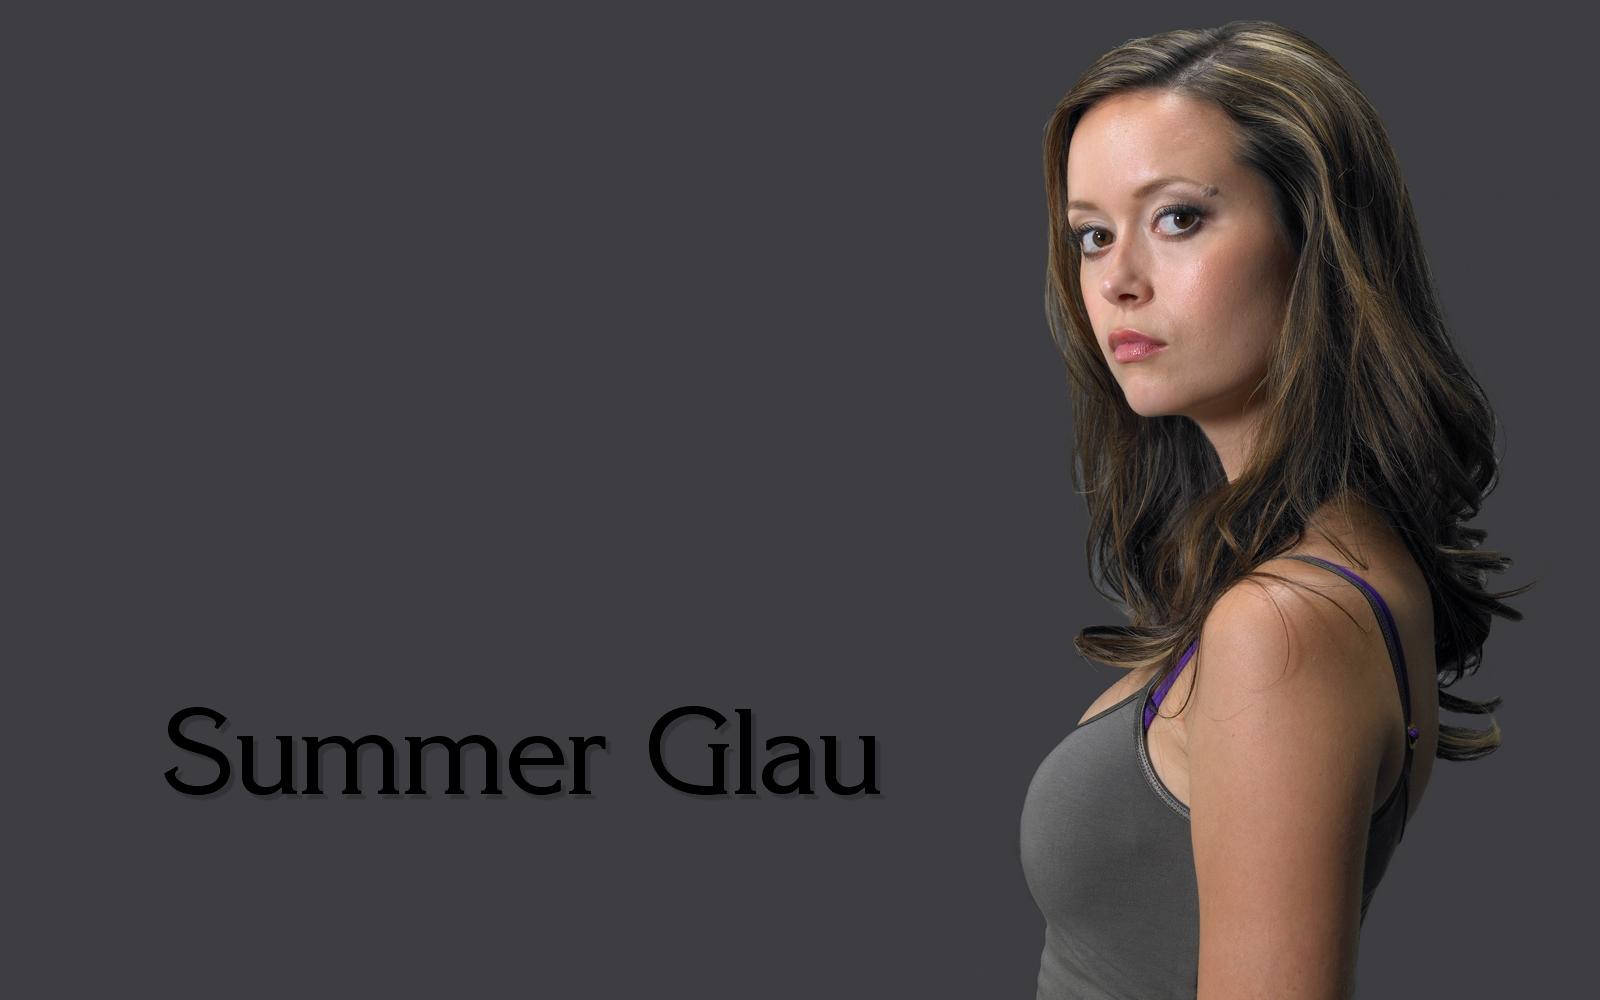 Summer glau the unit s02e14